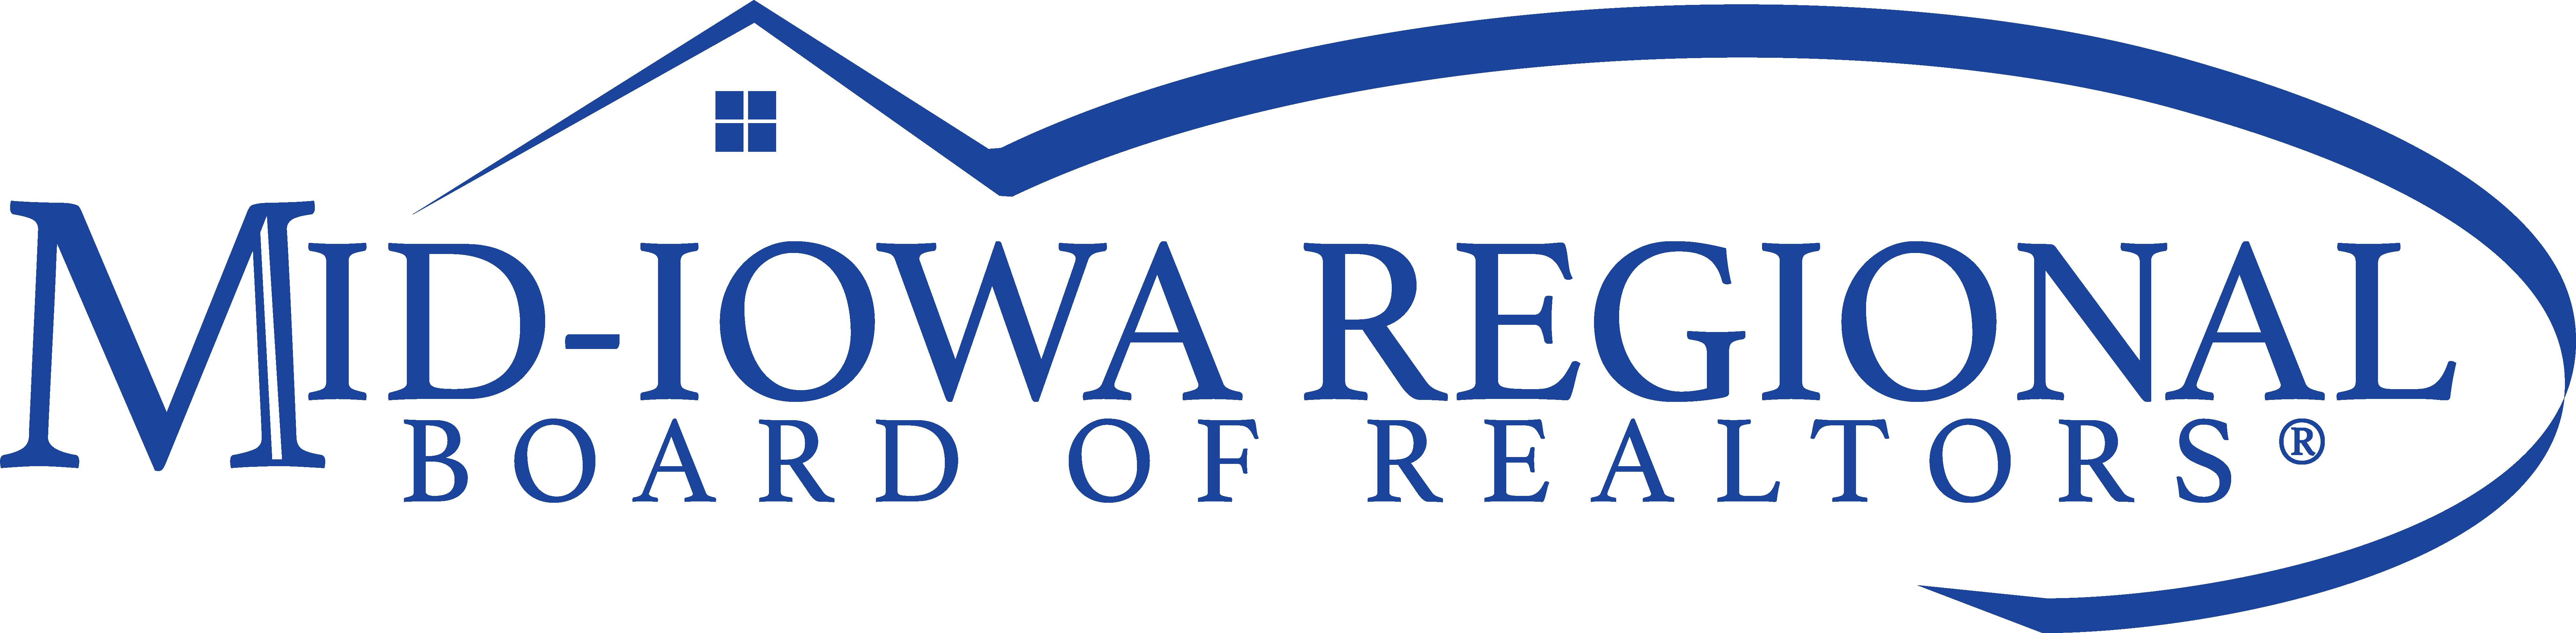 Mid-Iowa Regional Board of Realtors Logo